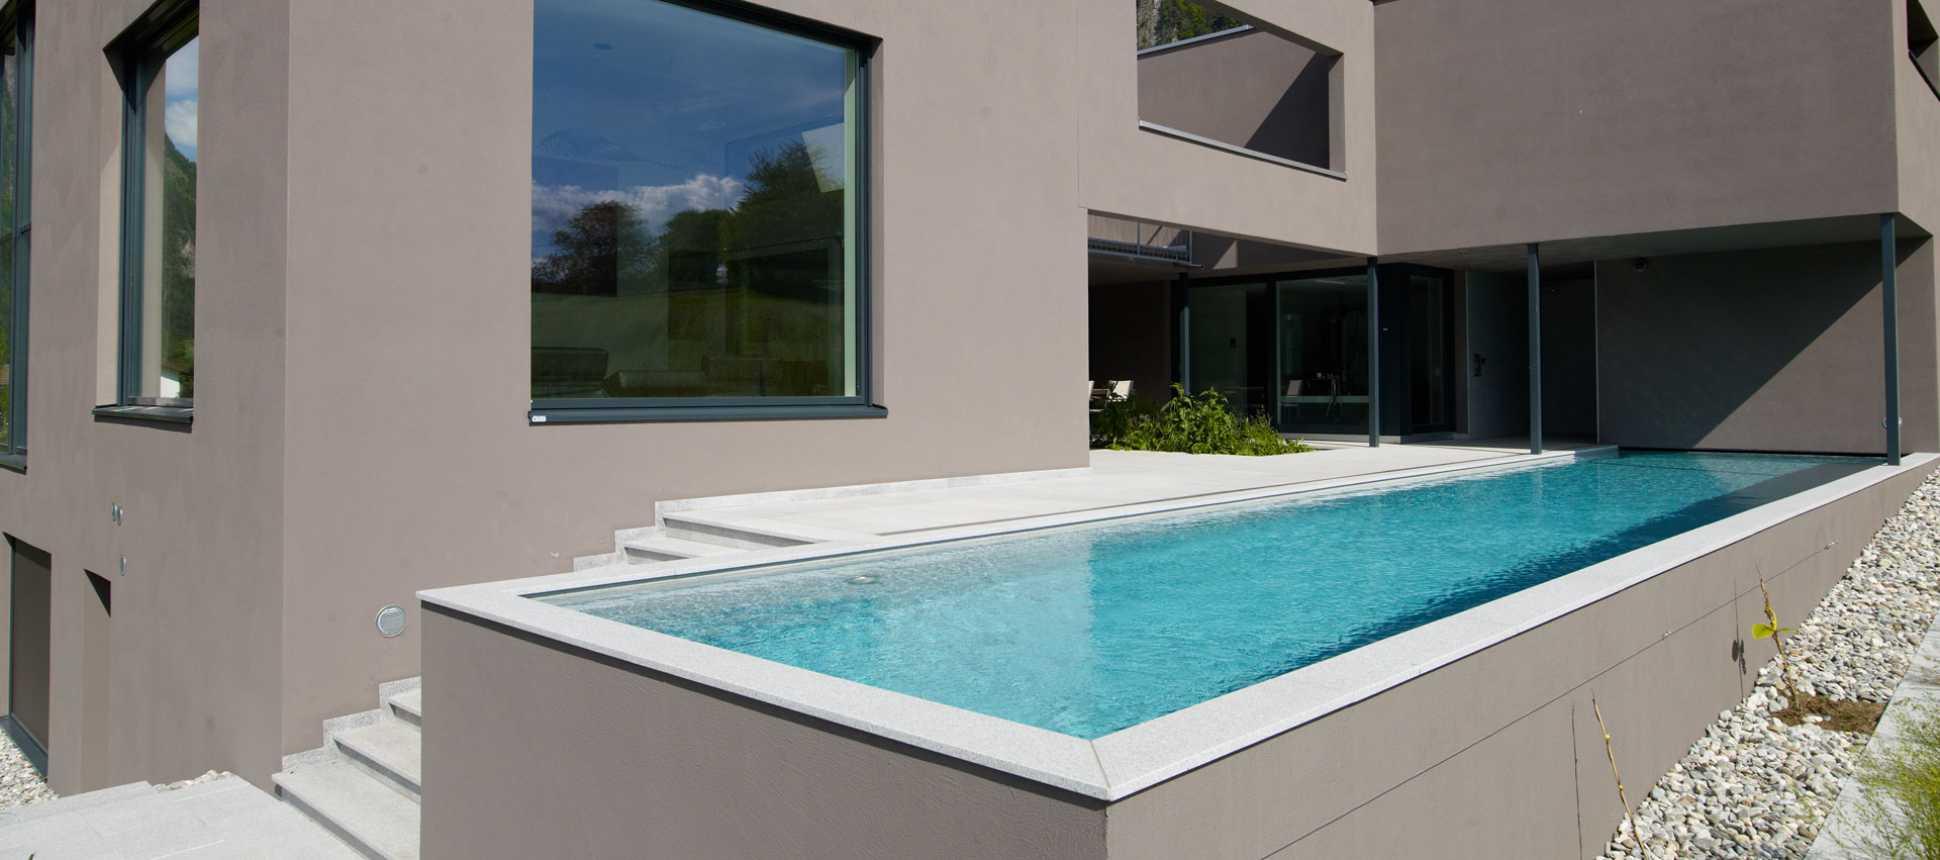 Gartenschwimmbad Gartenpool